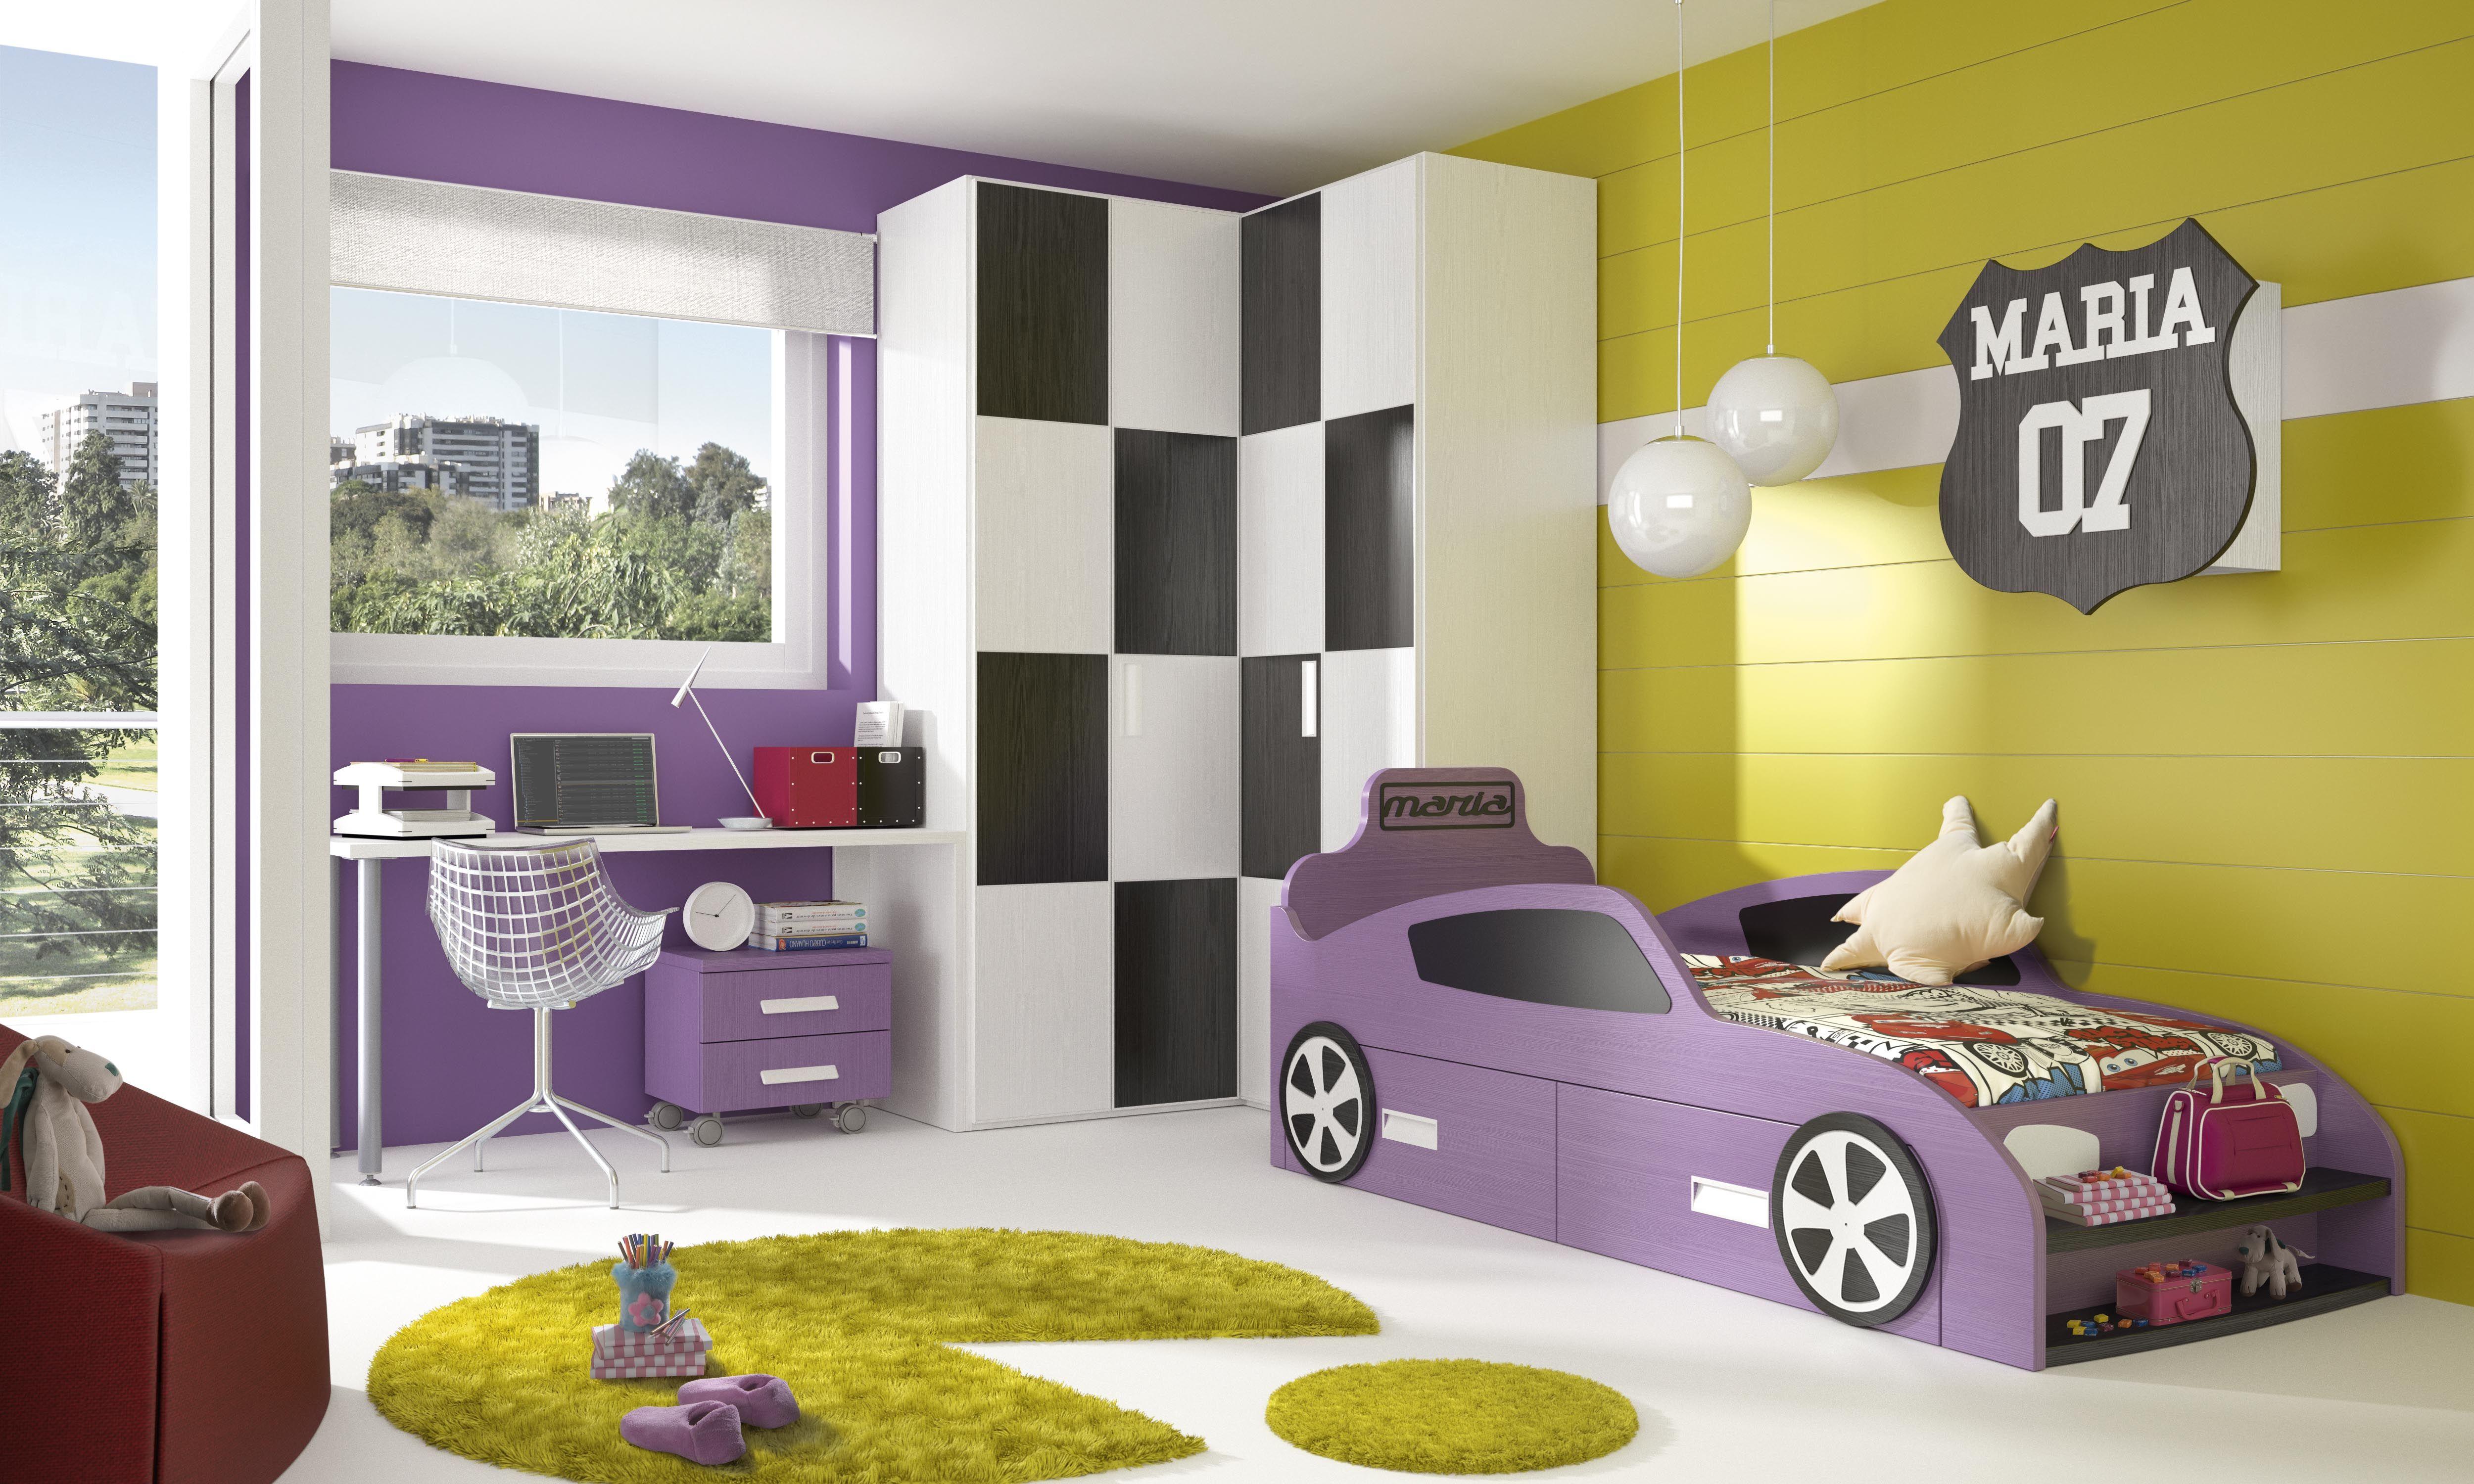 Habitaciones Infantiles Tem Ticas Dibujos Animados Coches6  # Muebles Dibujos Animados